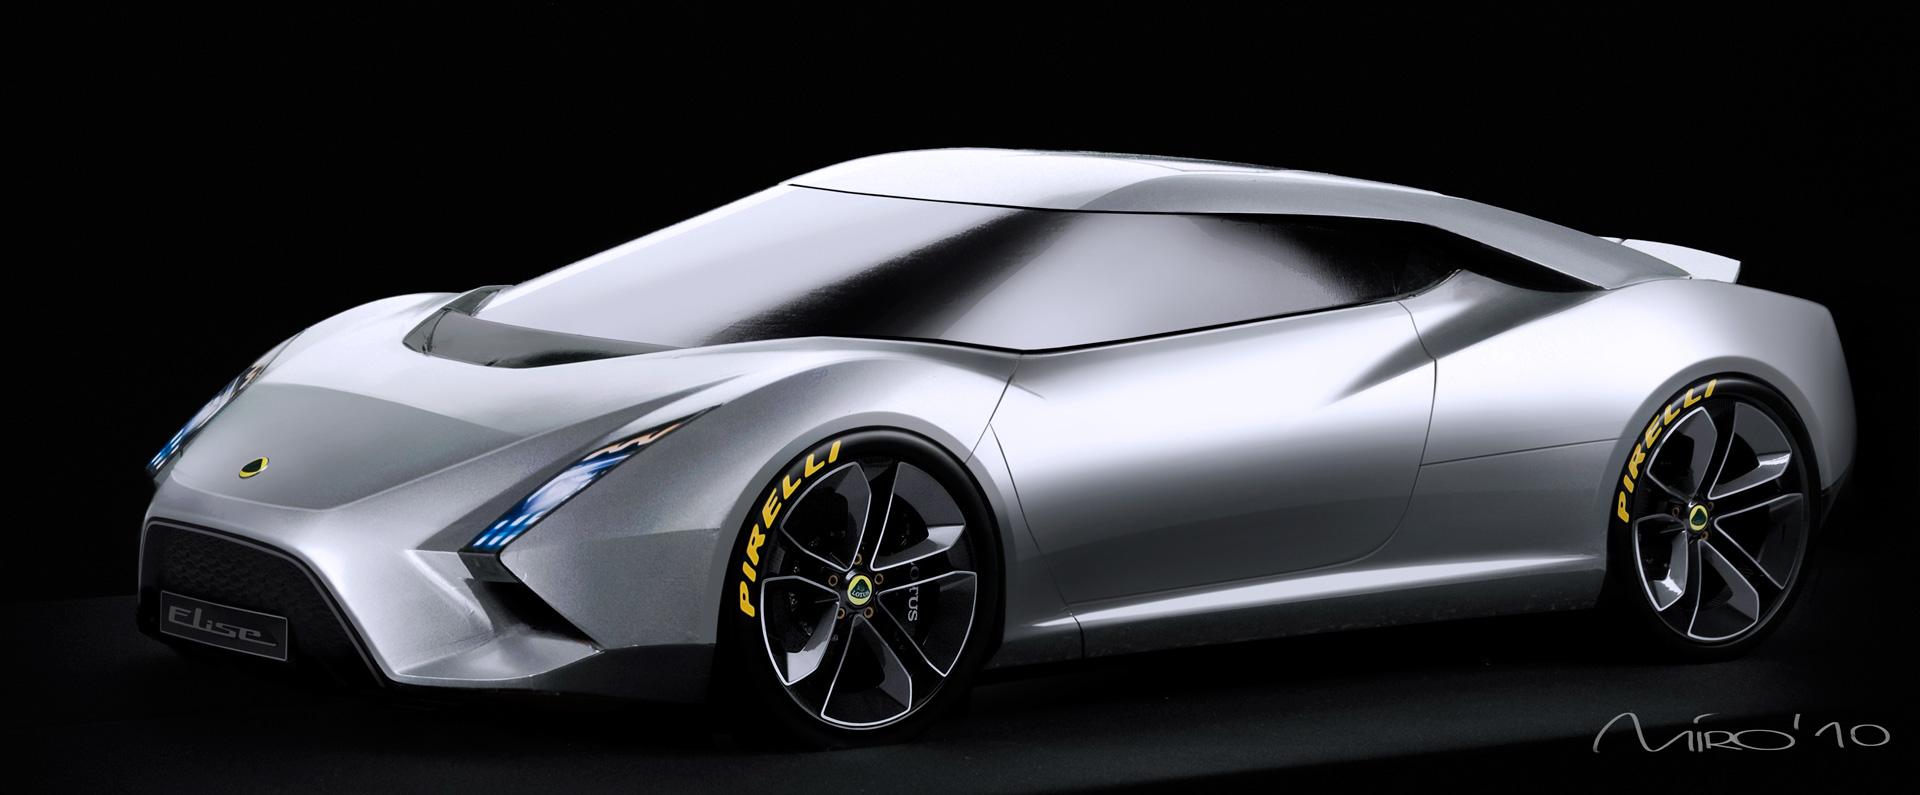 Lotus Concept Cars At Paris 2010